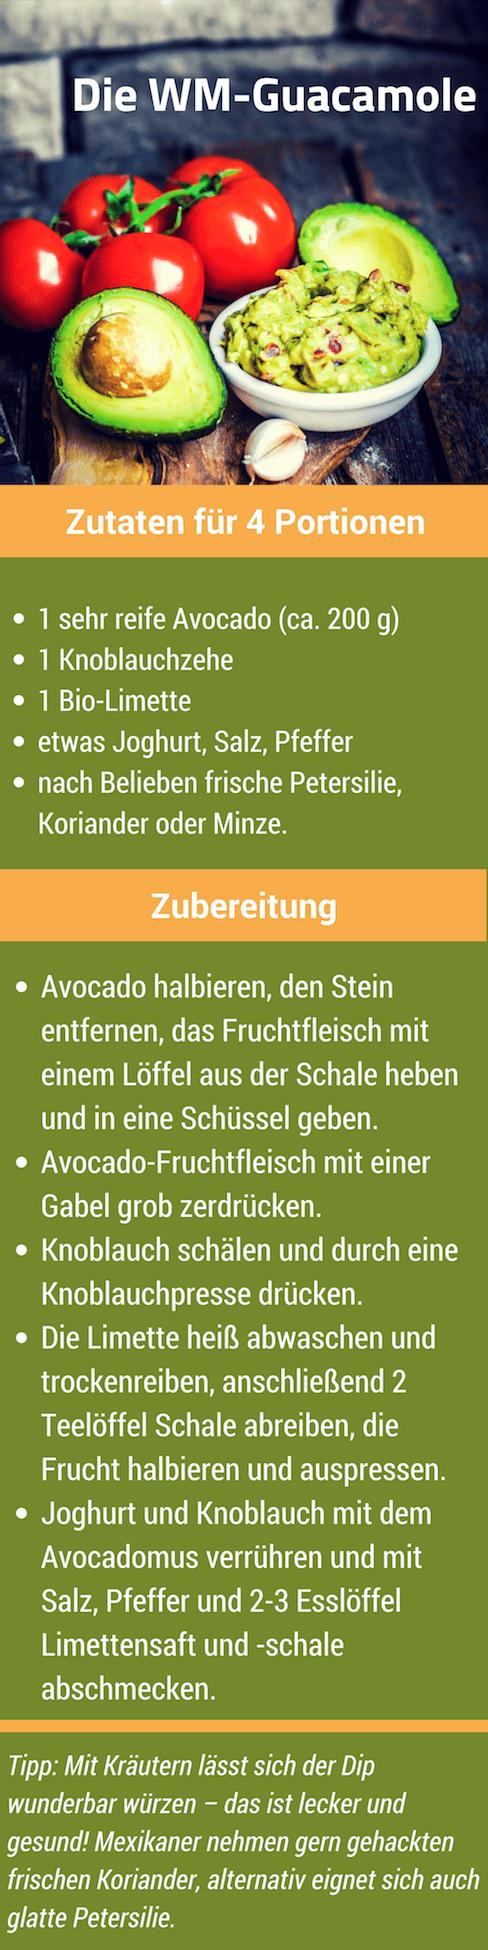 Ein Rezept für leckere und gesunde Guacamole aus Avocado